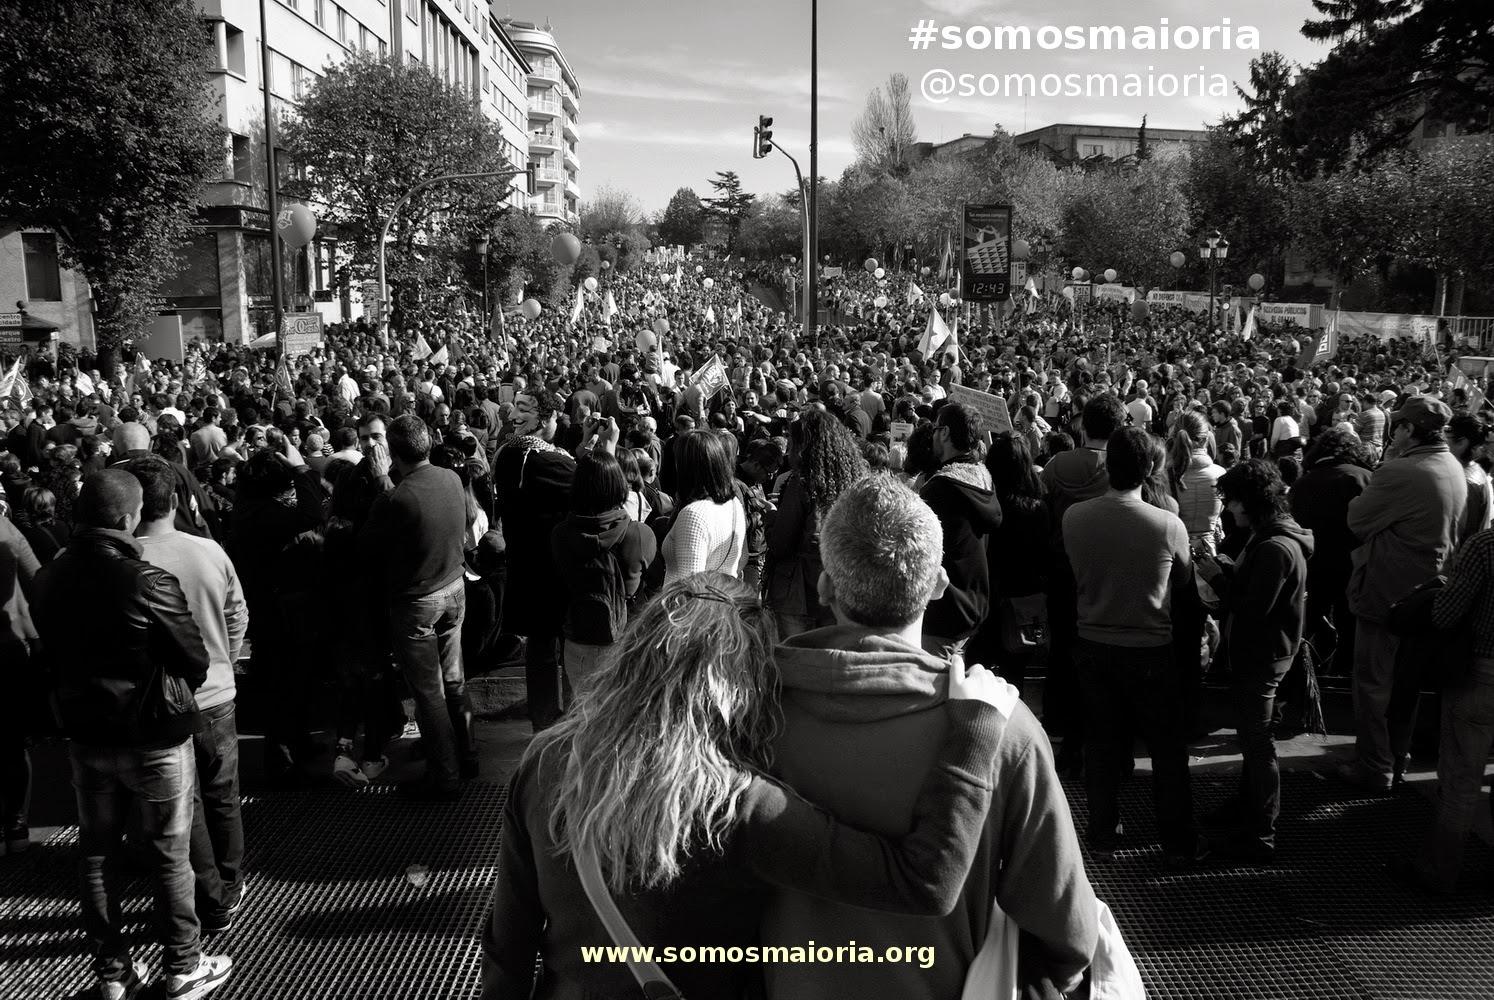 #somosmaioria